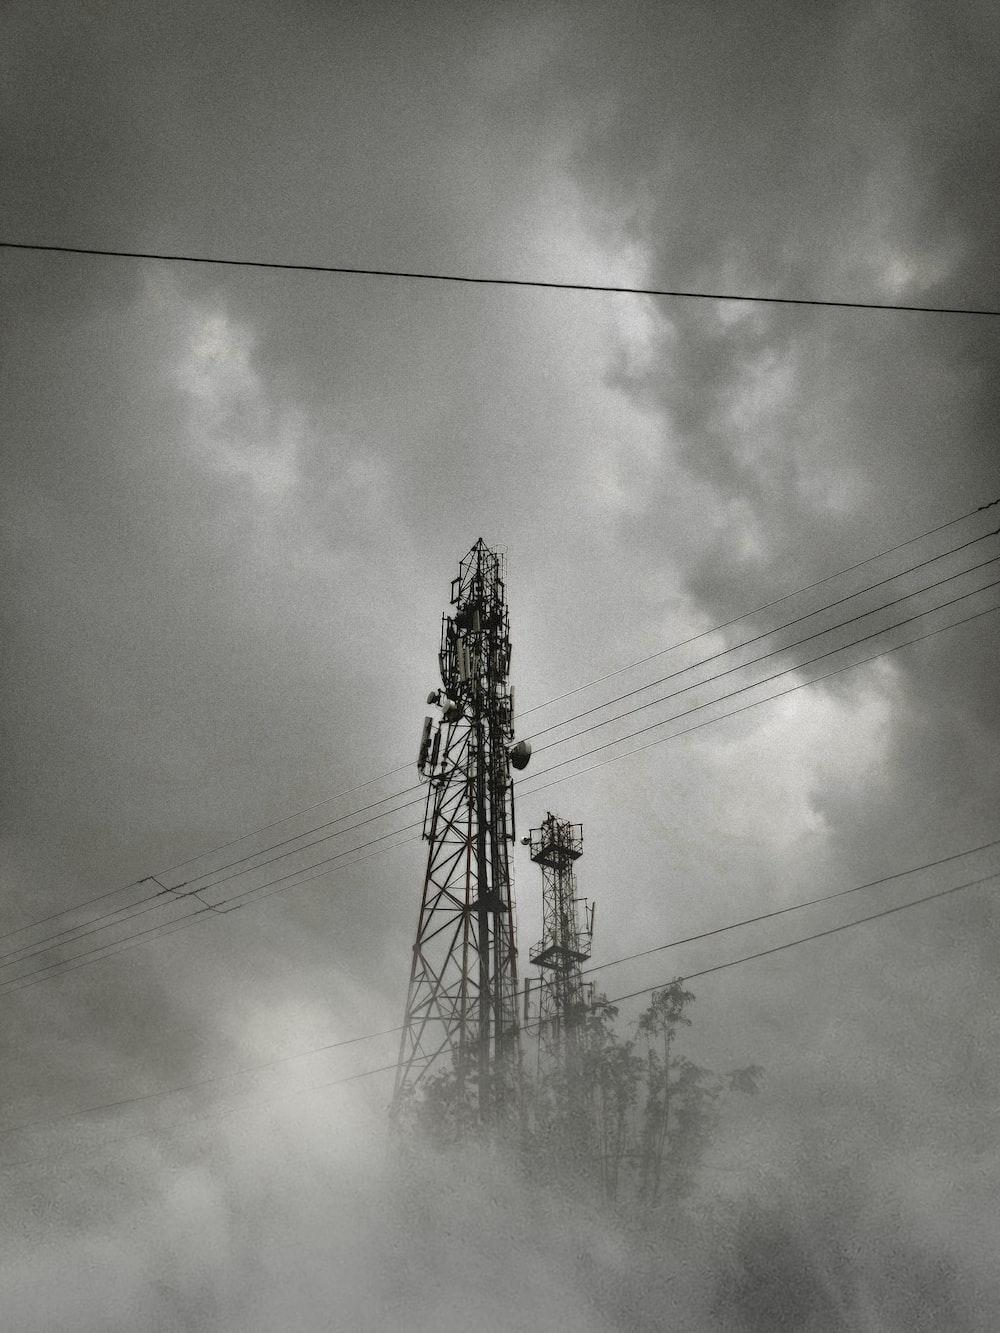 grey utility transformer